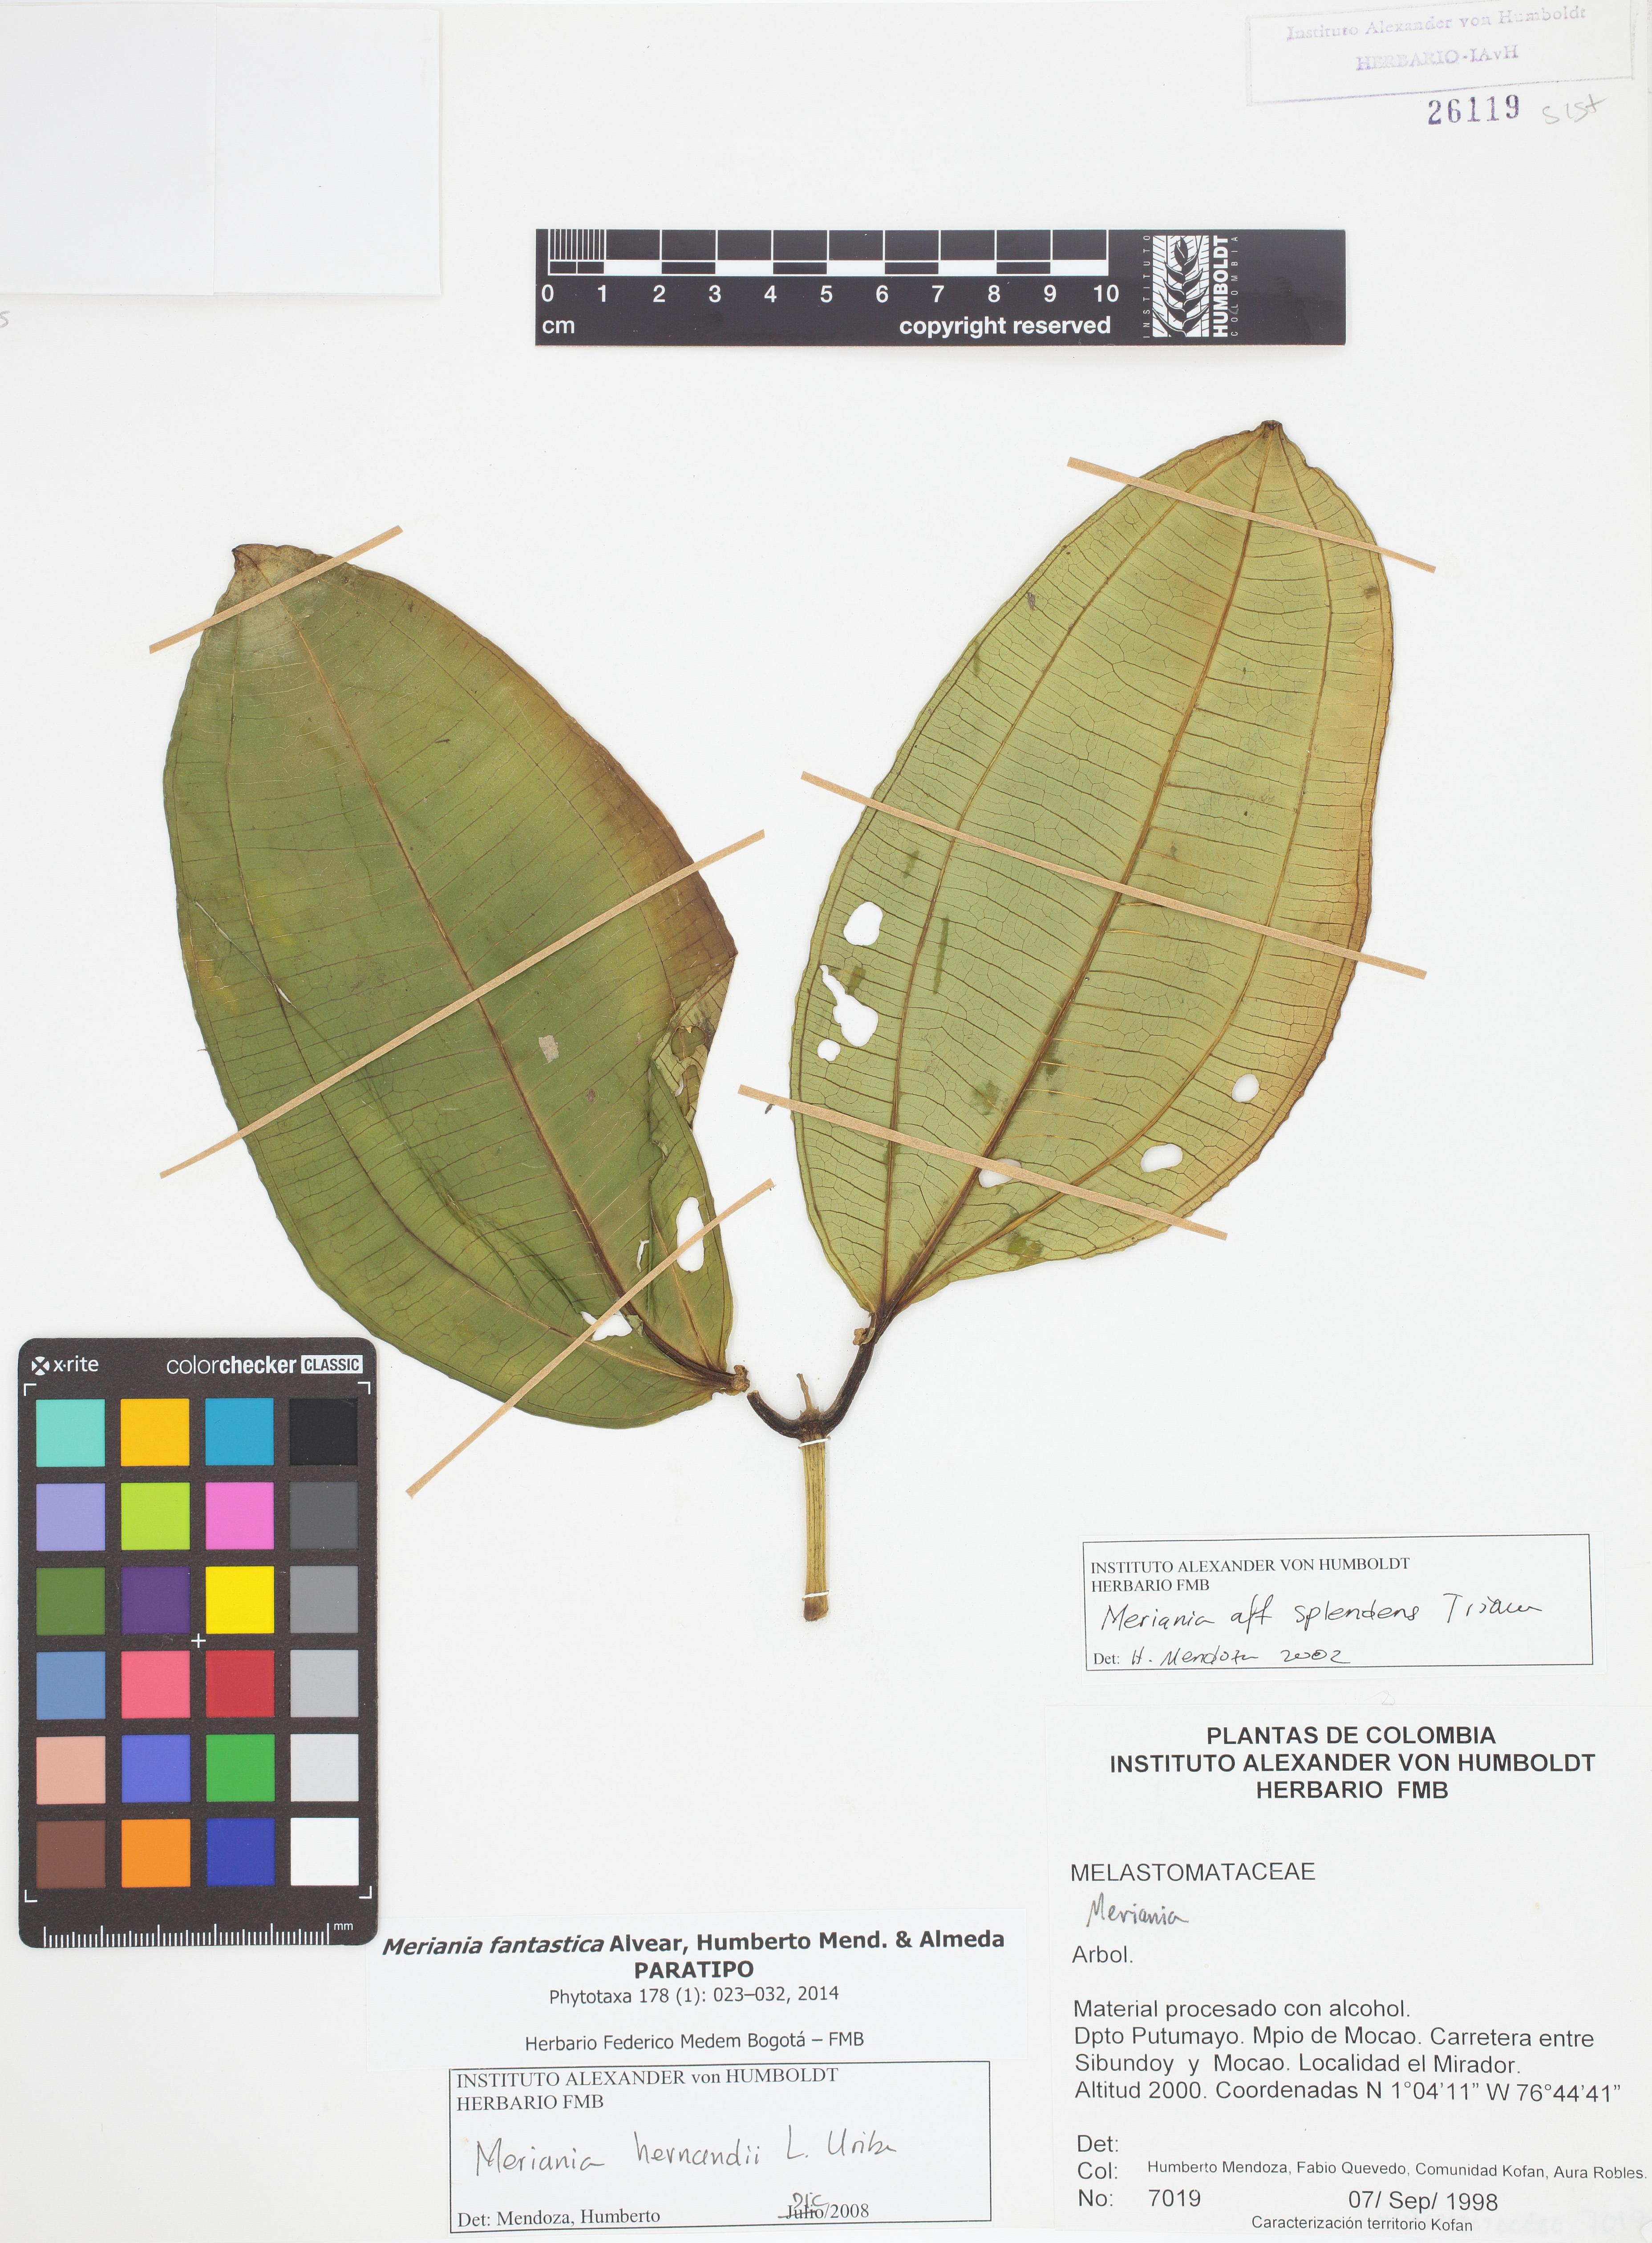 Paratipo de <em>Meriania fantastica</em>, FMB-26119, Fotografía por Robles A.